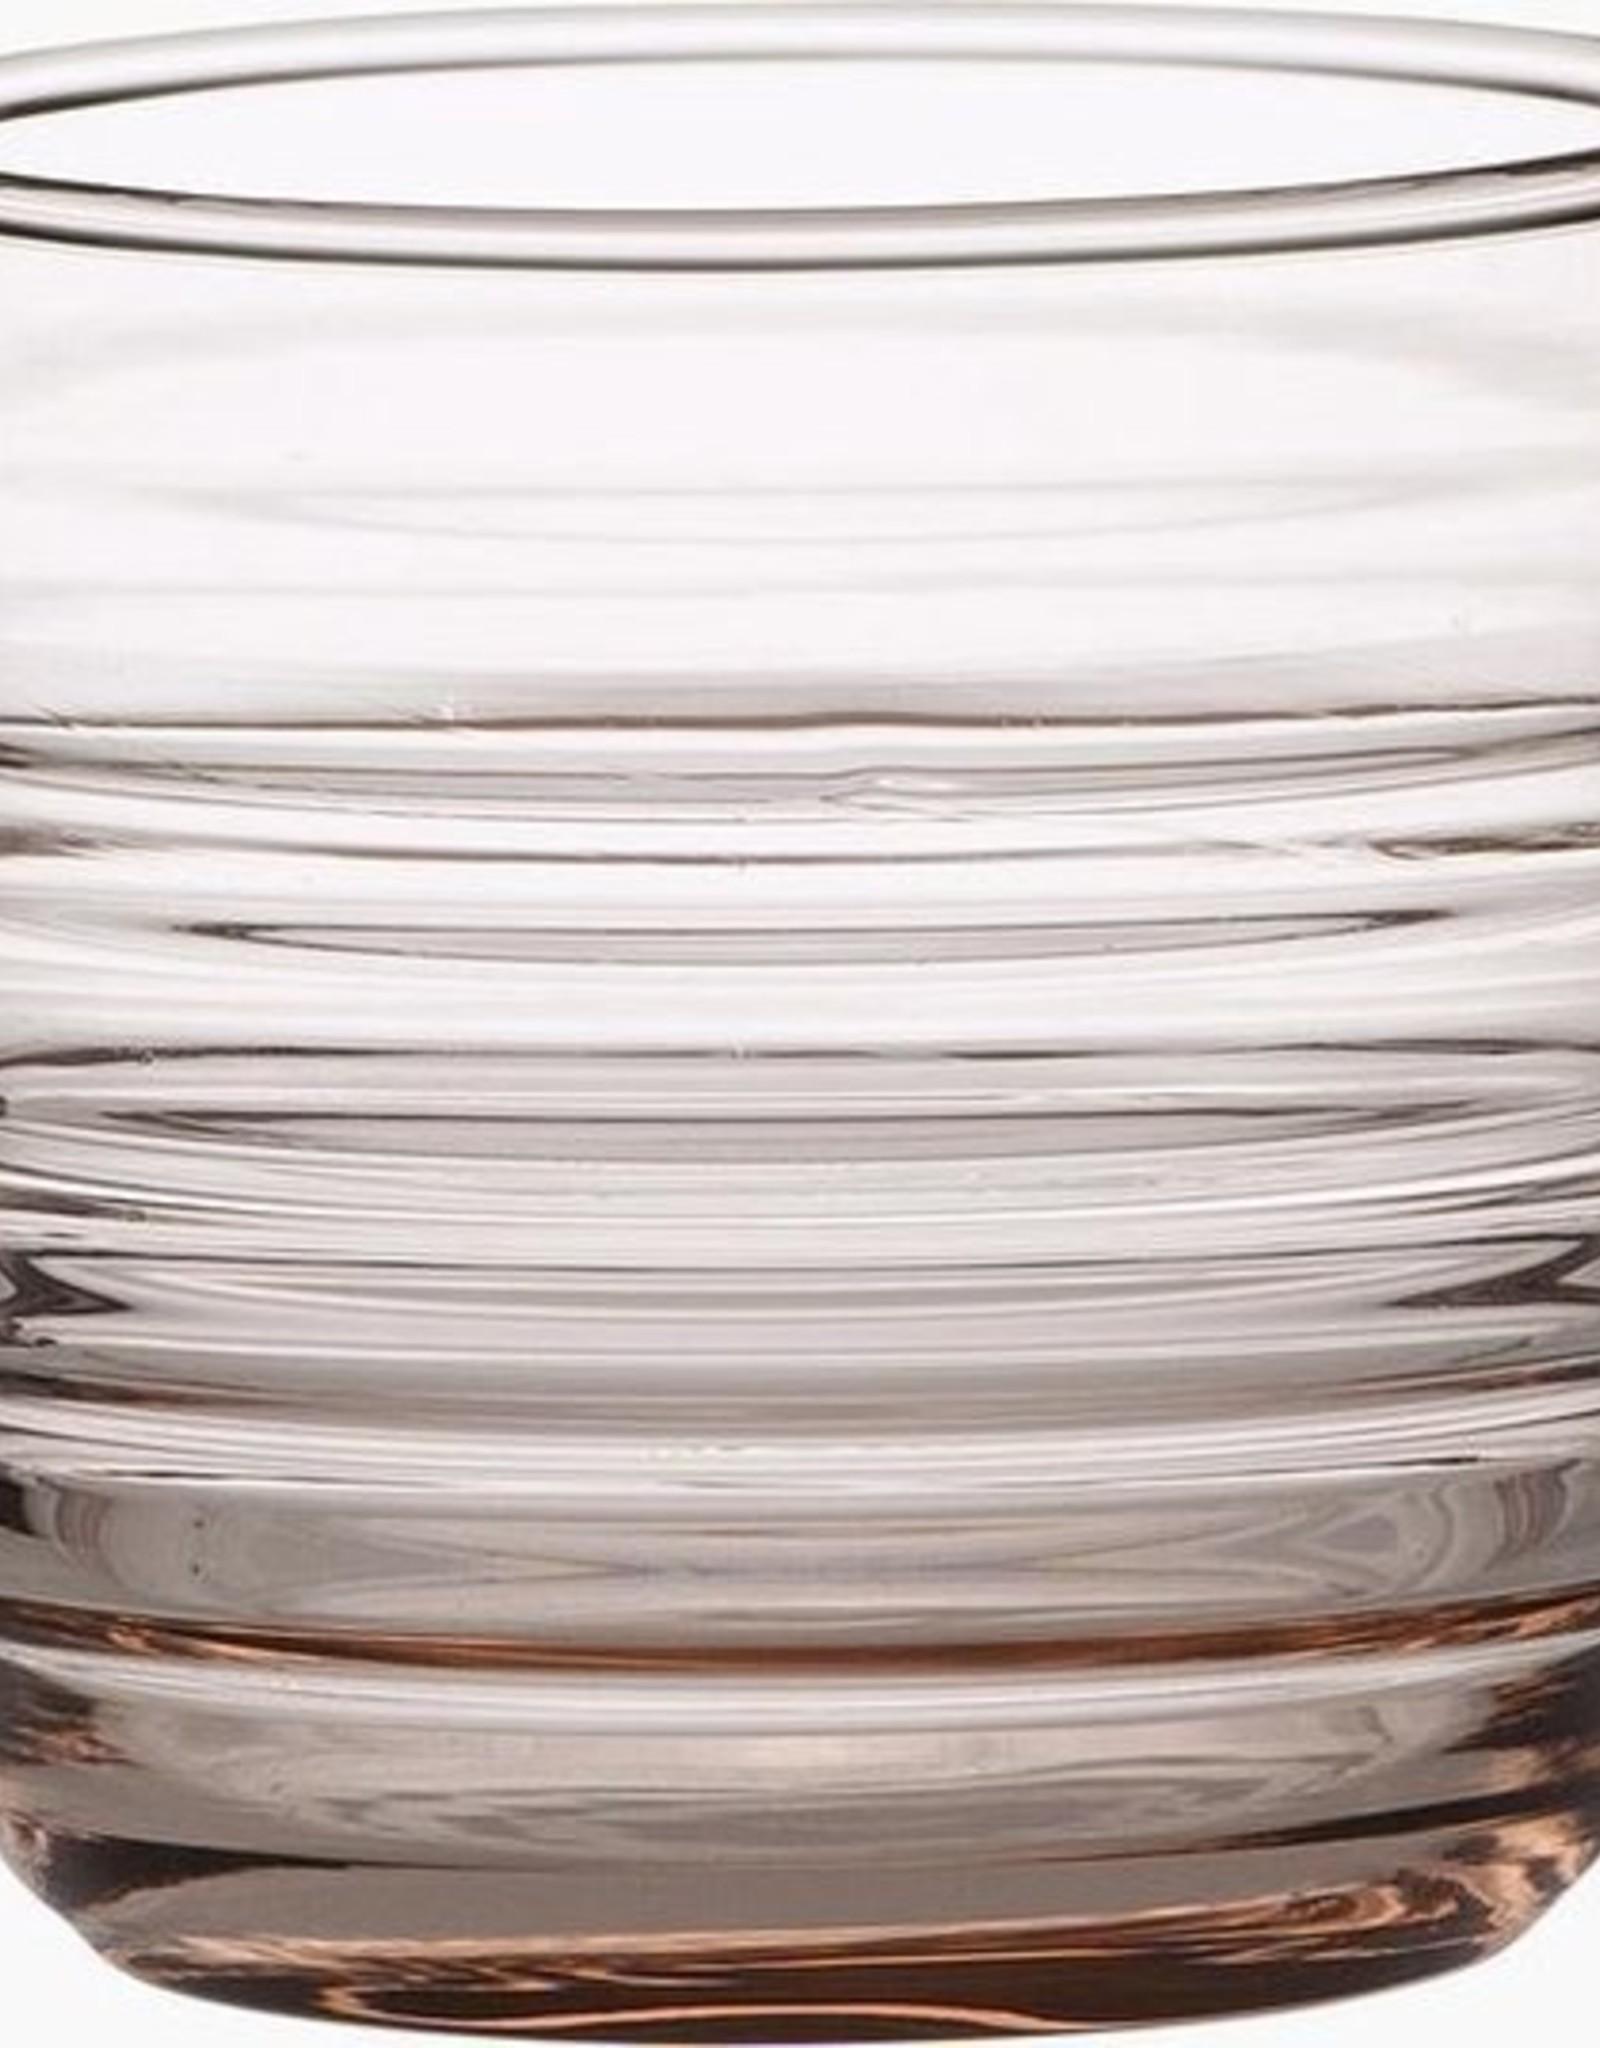 Marimekko Marimekko set van 2 tumblers of waterglazen in koraalkleurig glas 'Sukat Makkaralla'